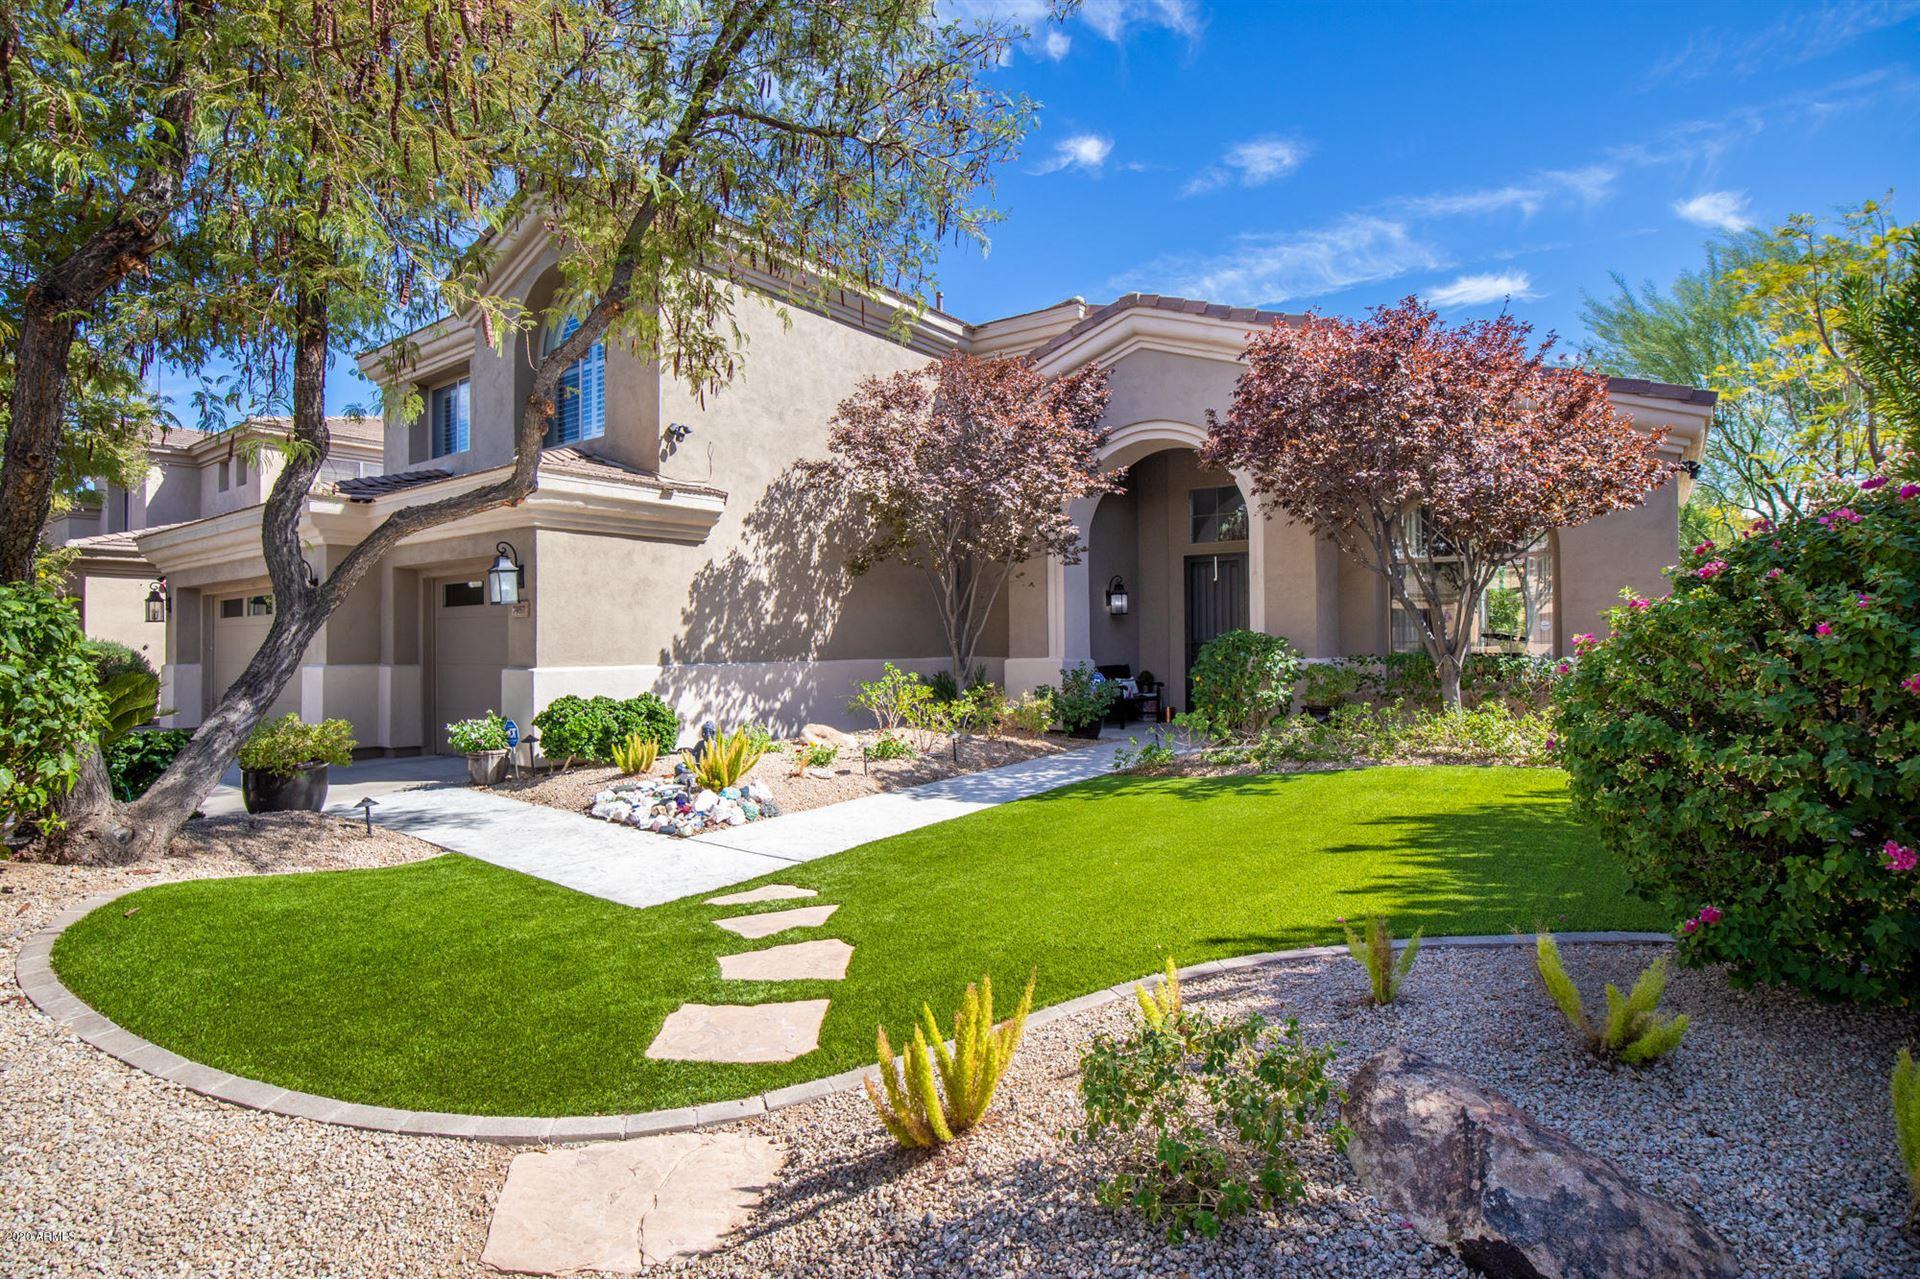 7487 E NESTLING Way, Scottsdale, AZ 85255 - MLS#: 6127578